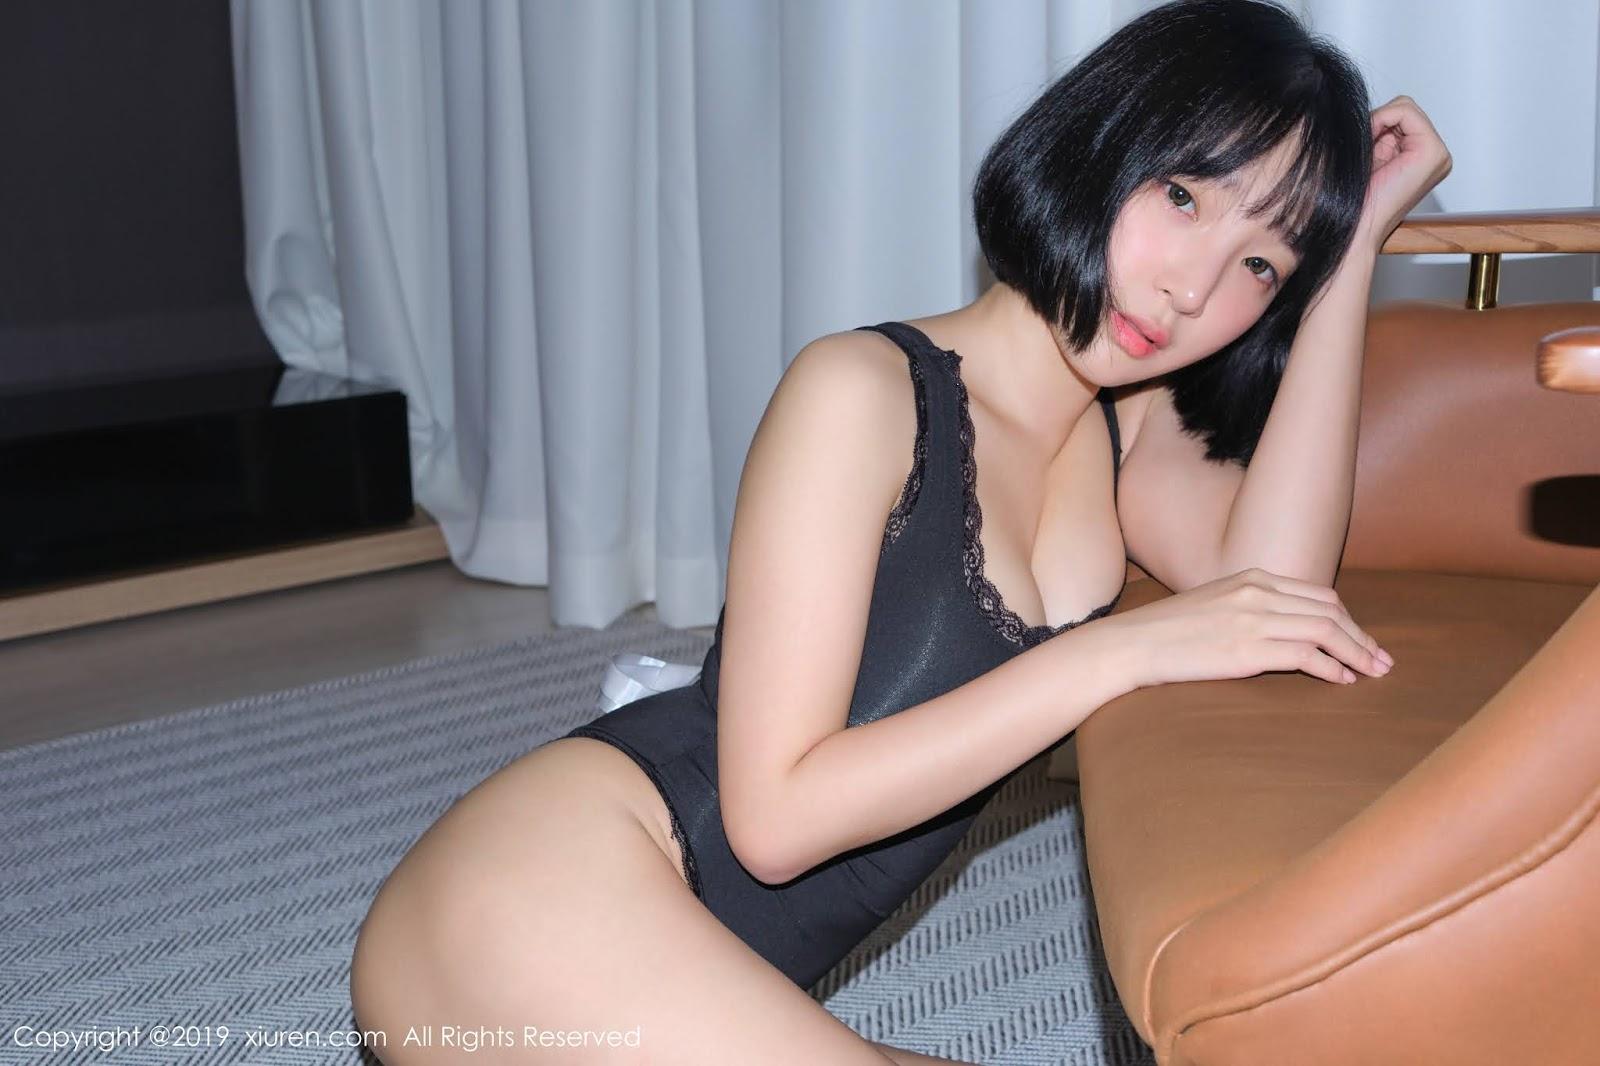 China Beautyful Girl Pic No.199   模特_卿卿 (Kang In-kyung)